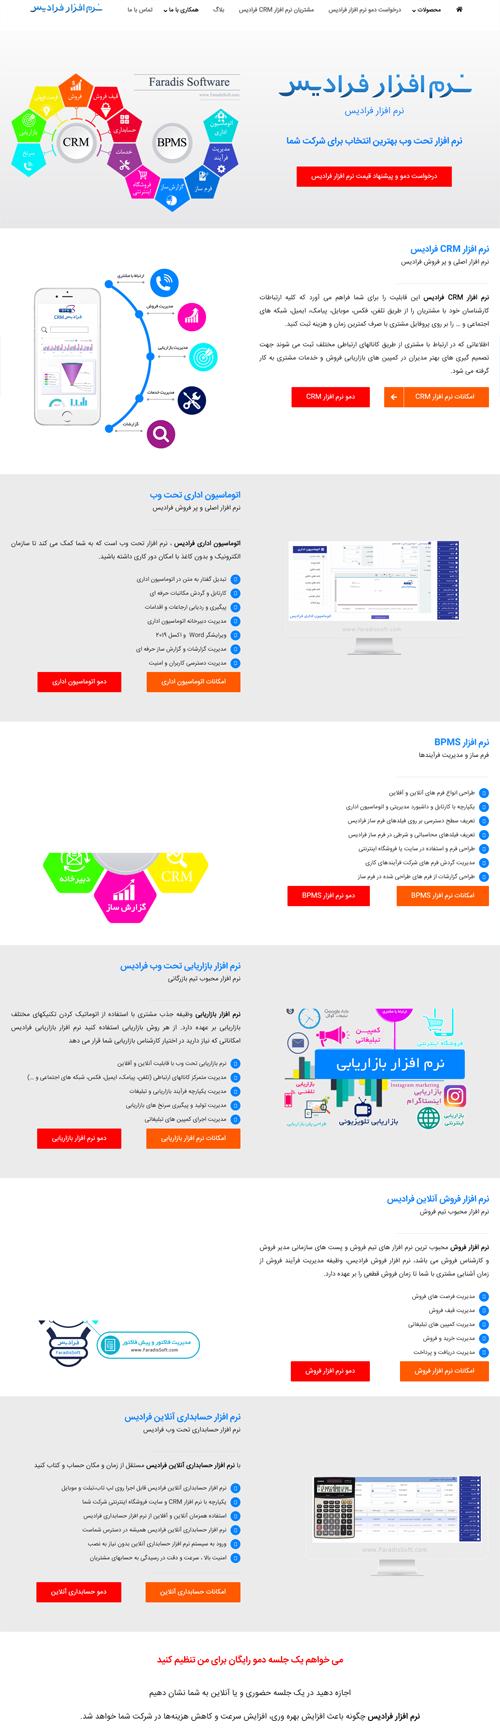 طراحی سایت نرم افزار فرادیس صفحه اصلی